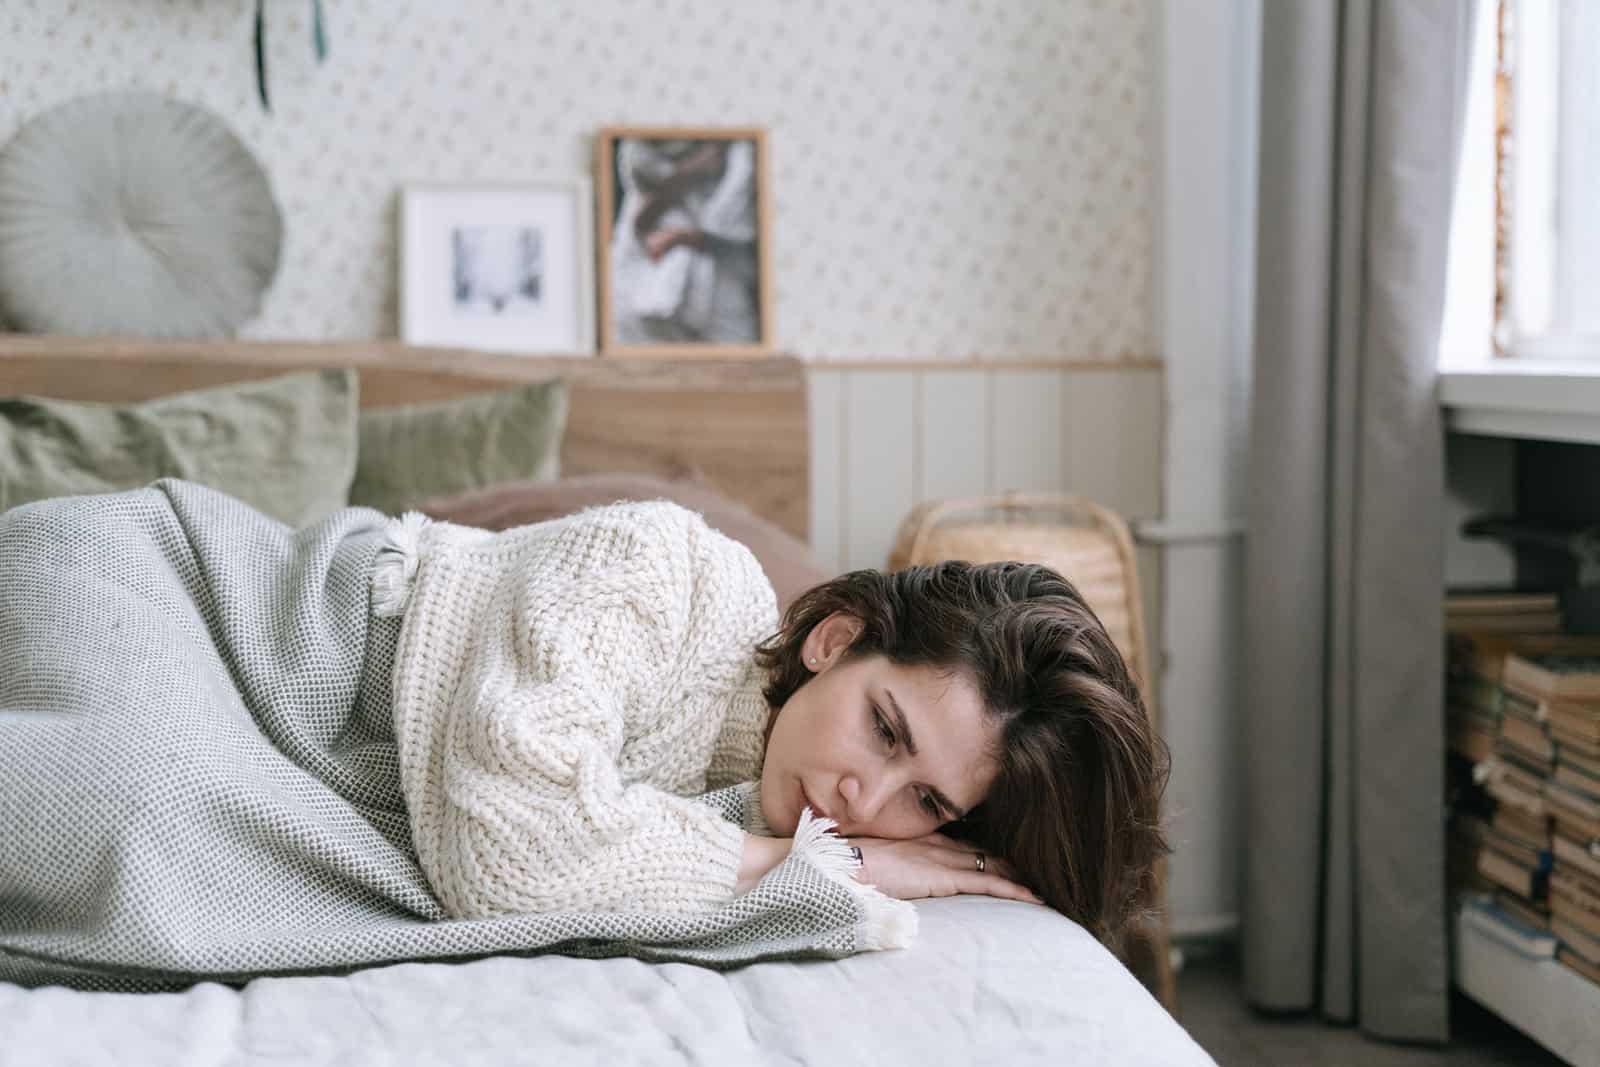 eine traurige Frau, die nach der Trennung auf dem Bett liegt